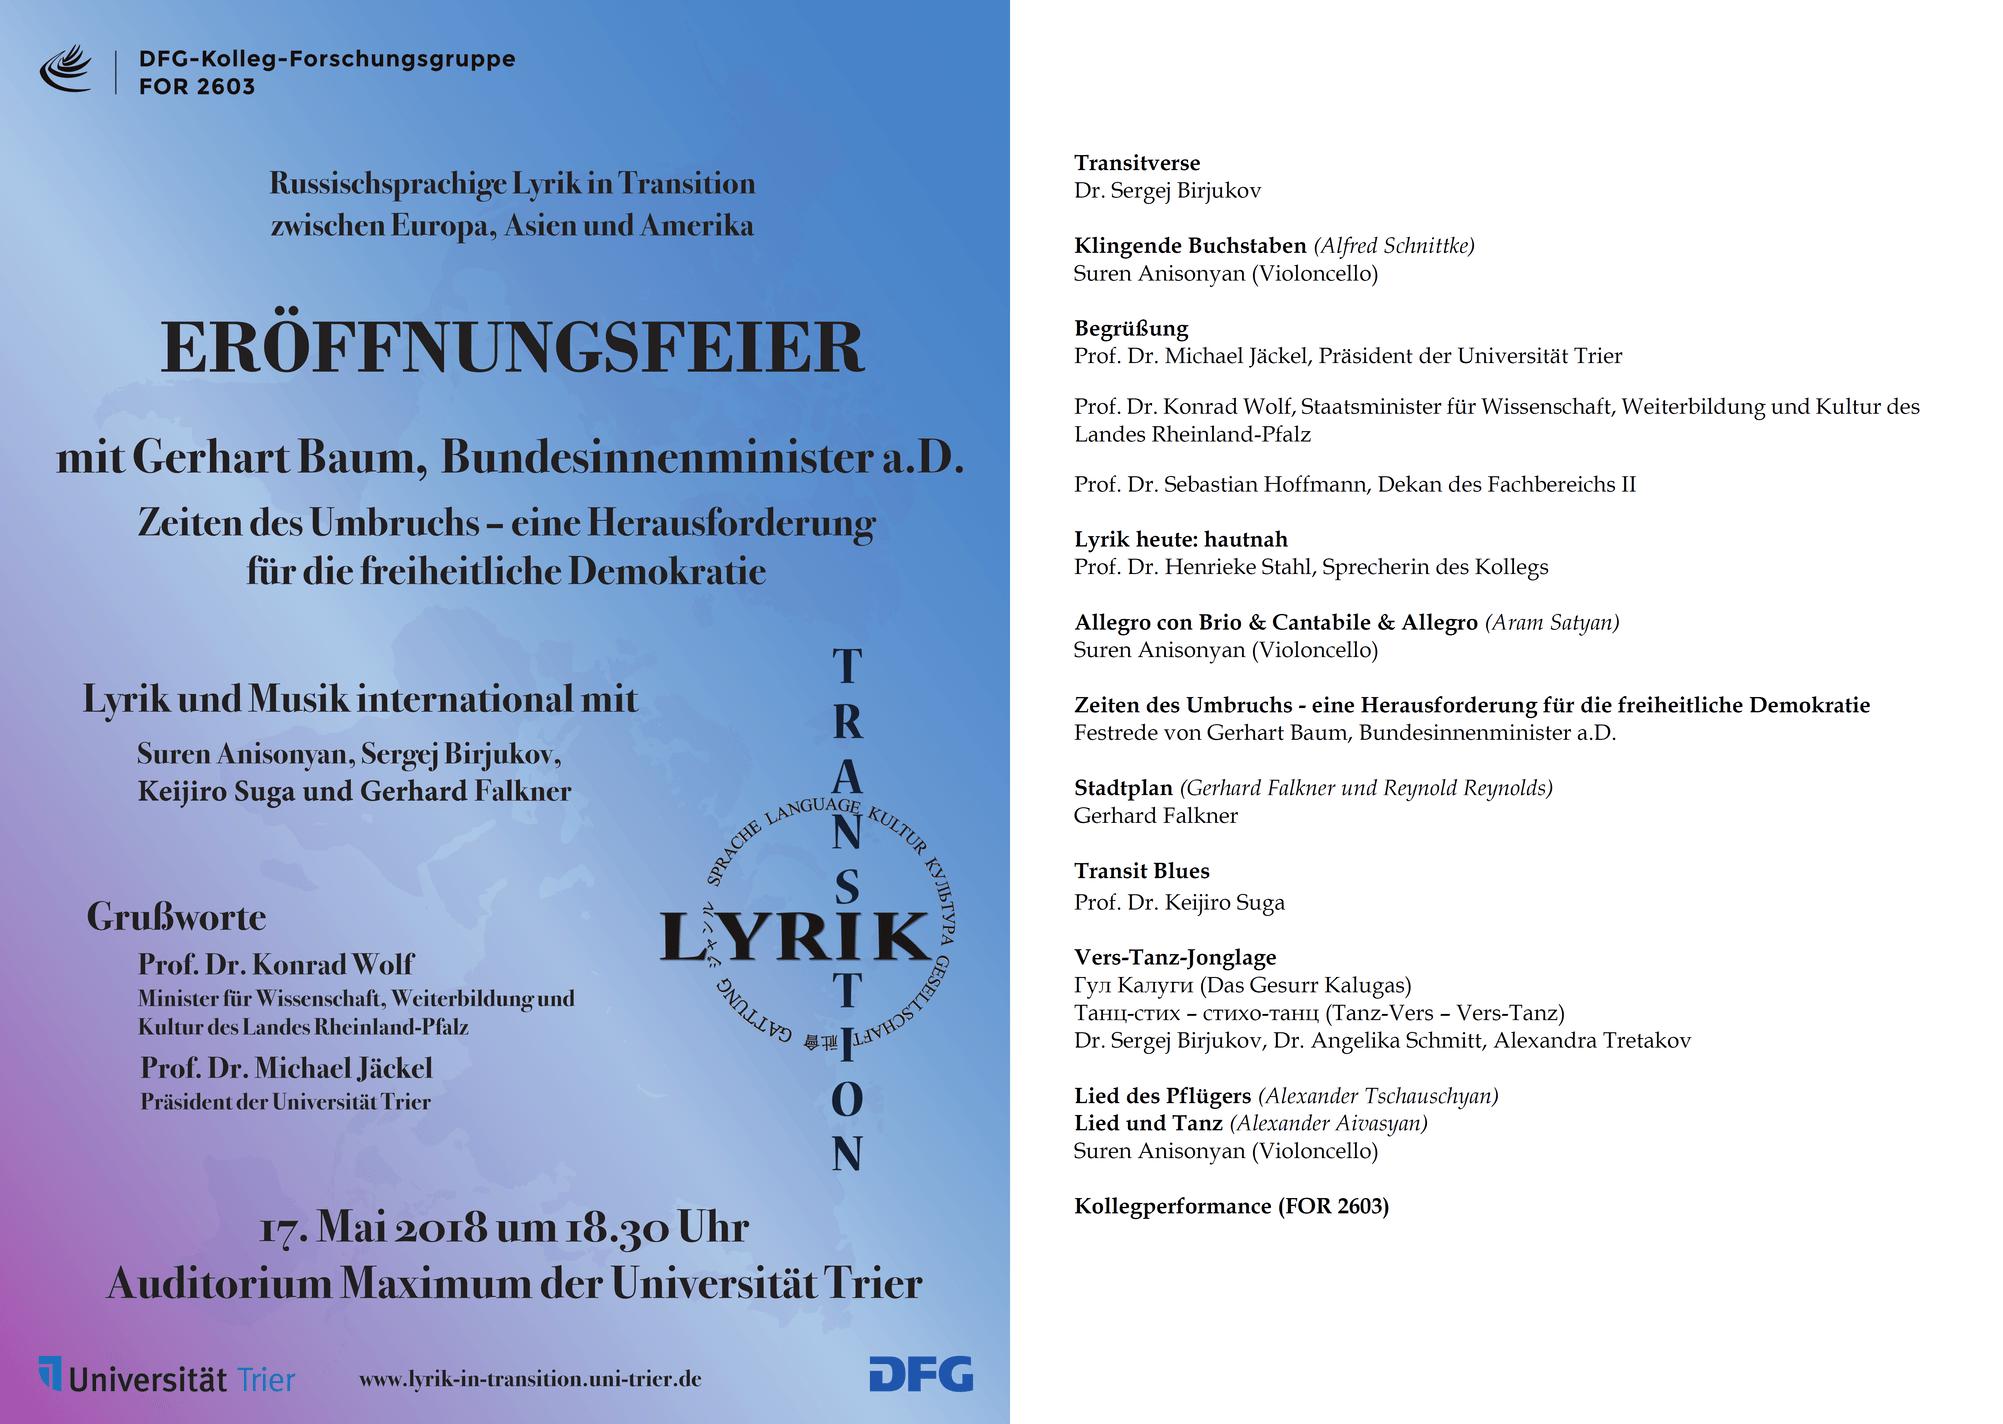 https://lyrik-in-transition.uni-trier.de/wp-content/uploads/2018/04/plakat-mit-programm2.png